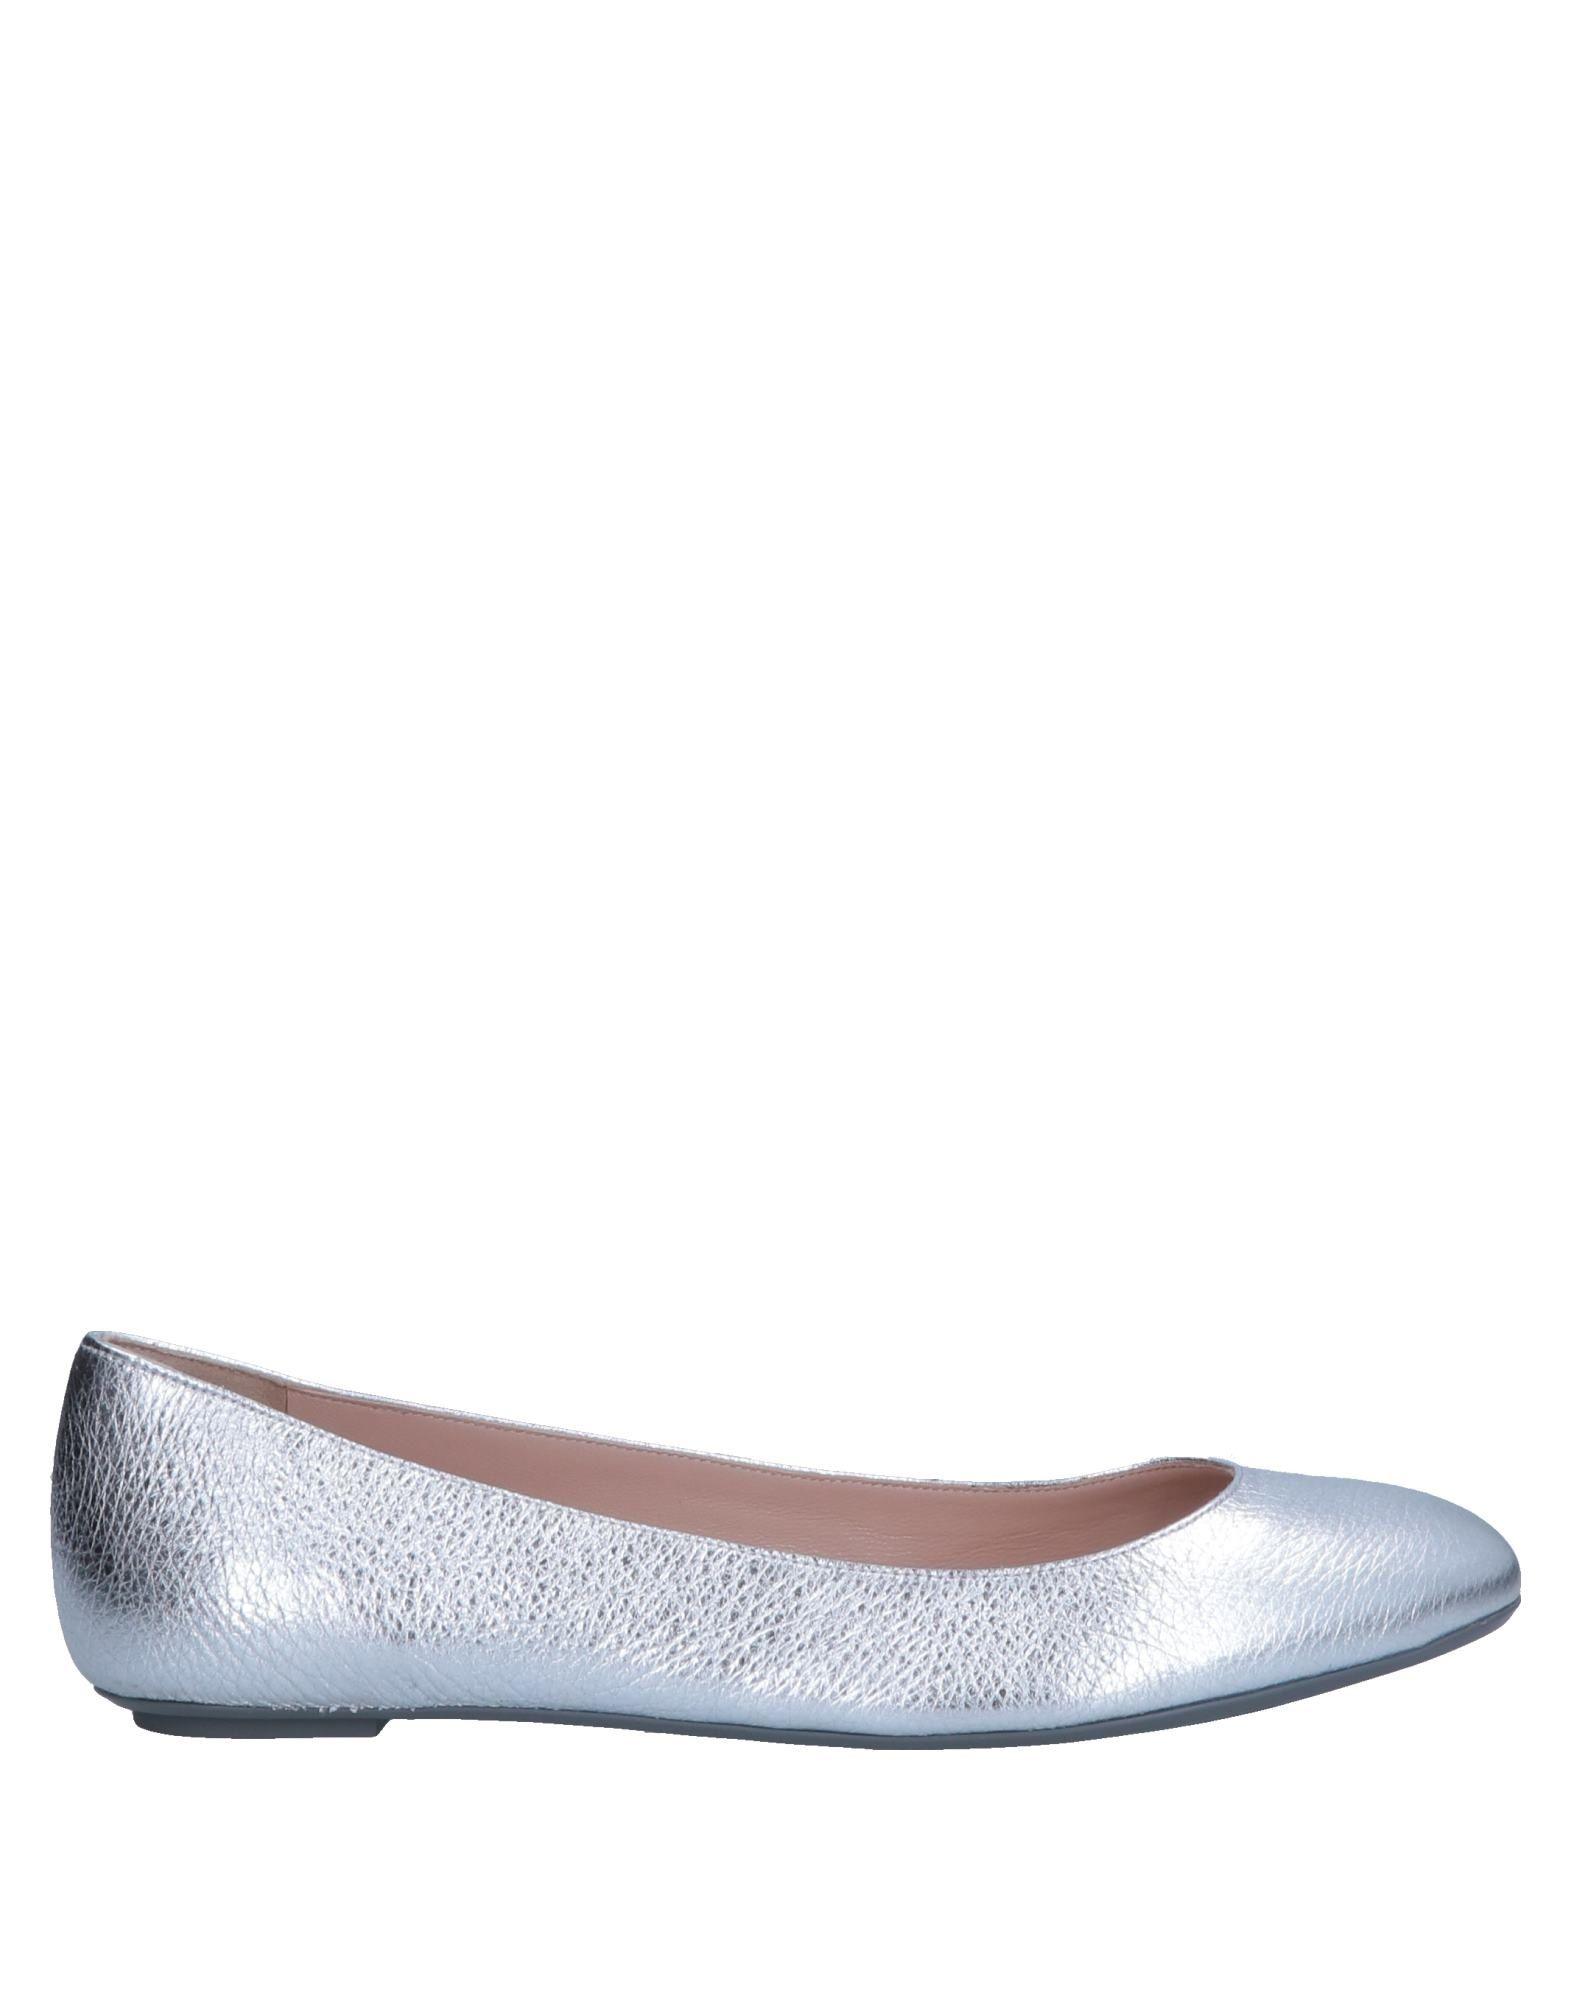 Sergio Rossi Ballerinas Damen  11565648EWGut aussehende strapazierfähige Schuhe